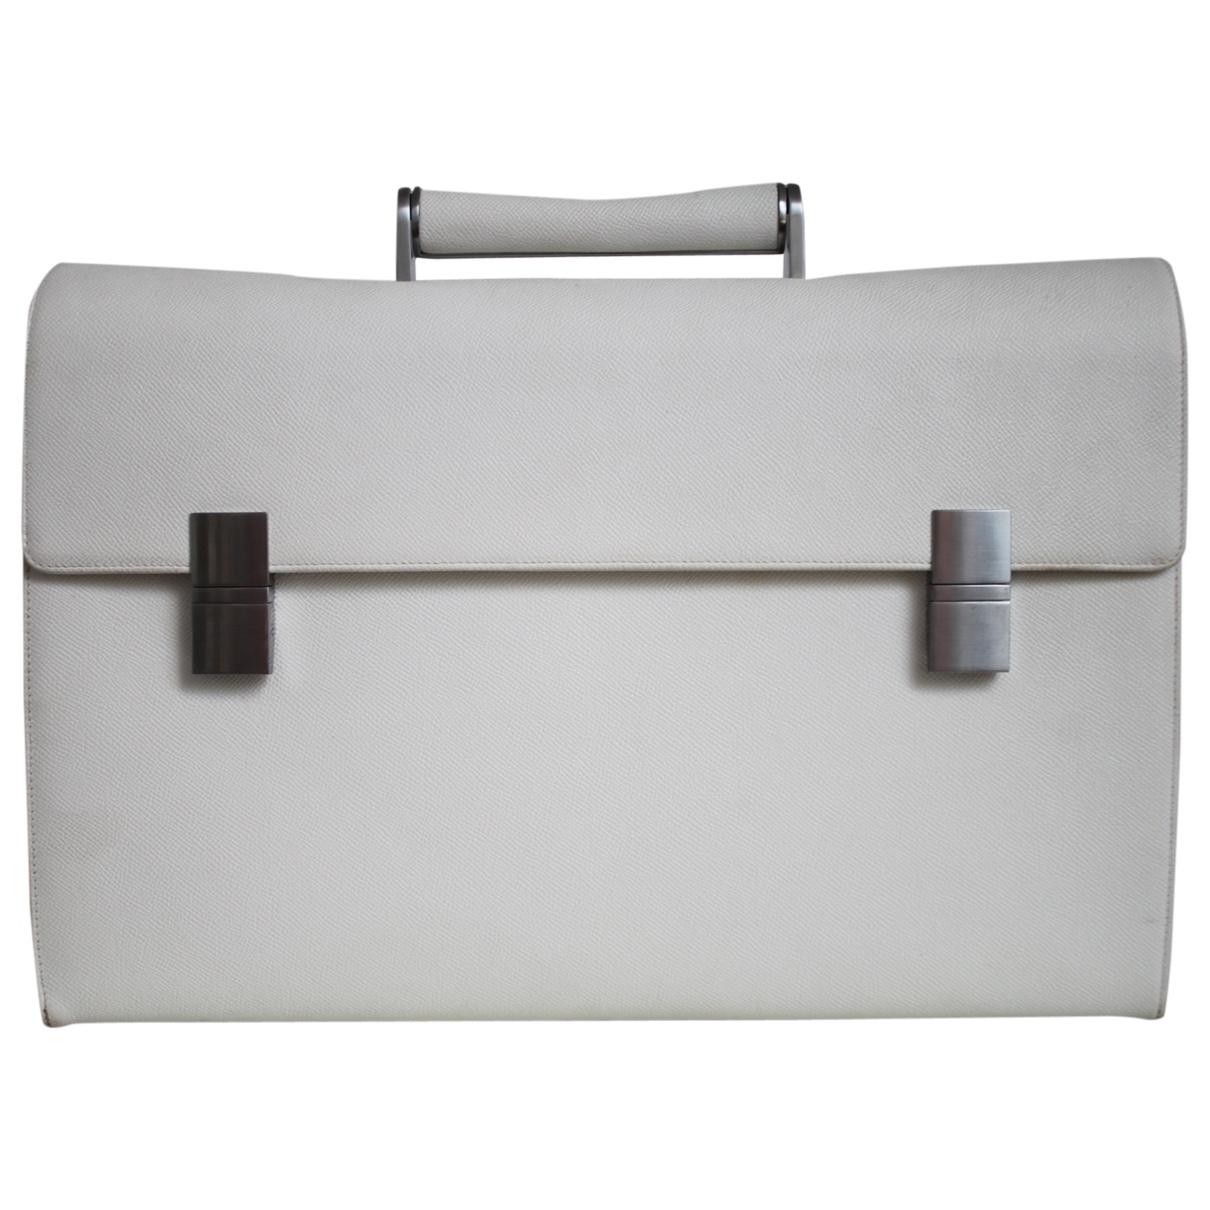 Porsche Design \N White Leather Travel bag for Women \N